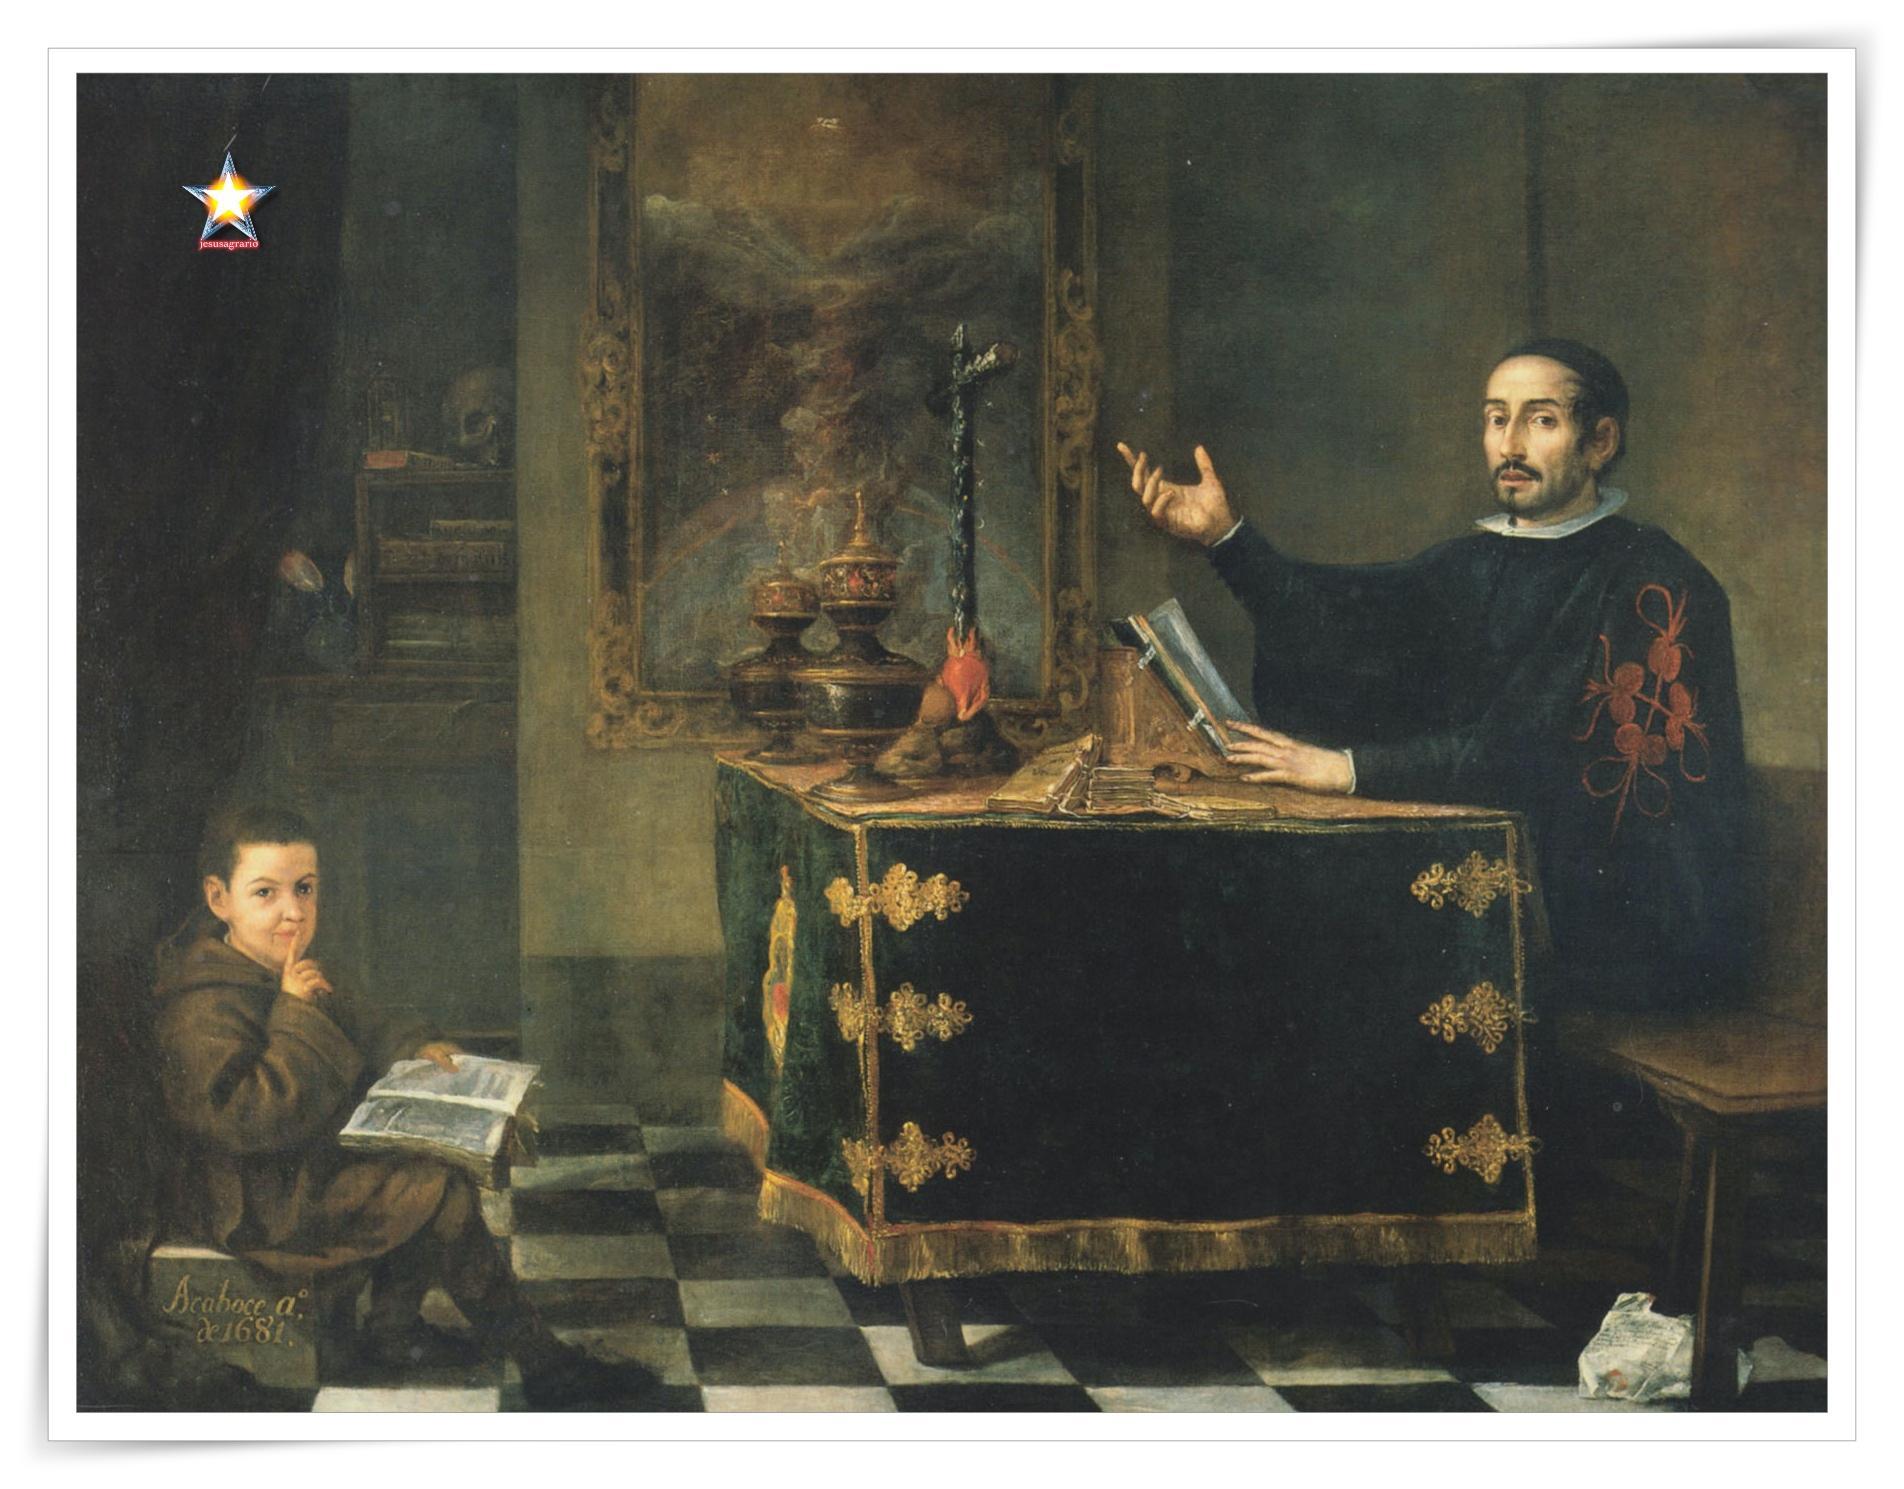 Juan valdes leal